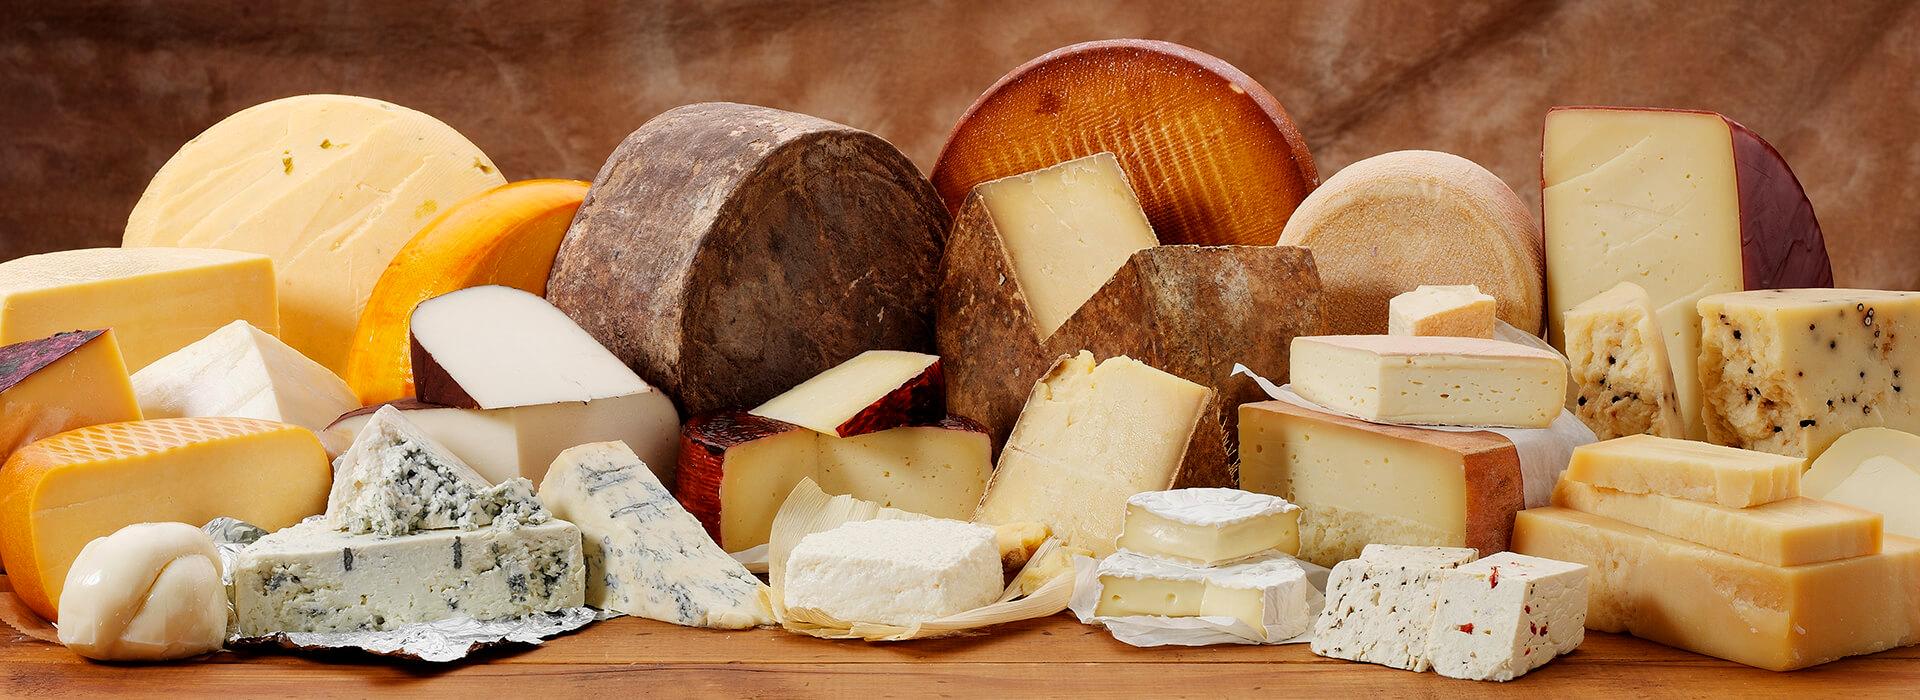 Рейтинг лучших российских сыров на 2020 год